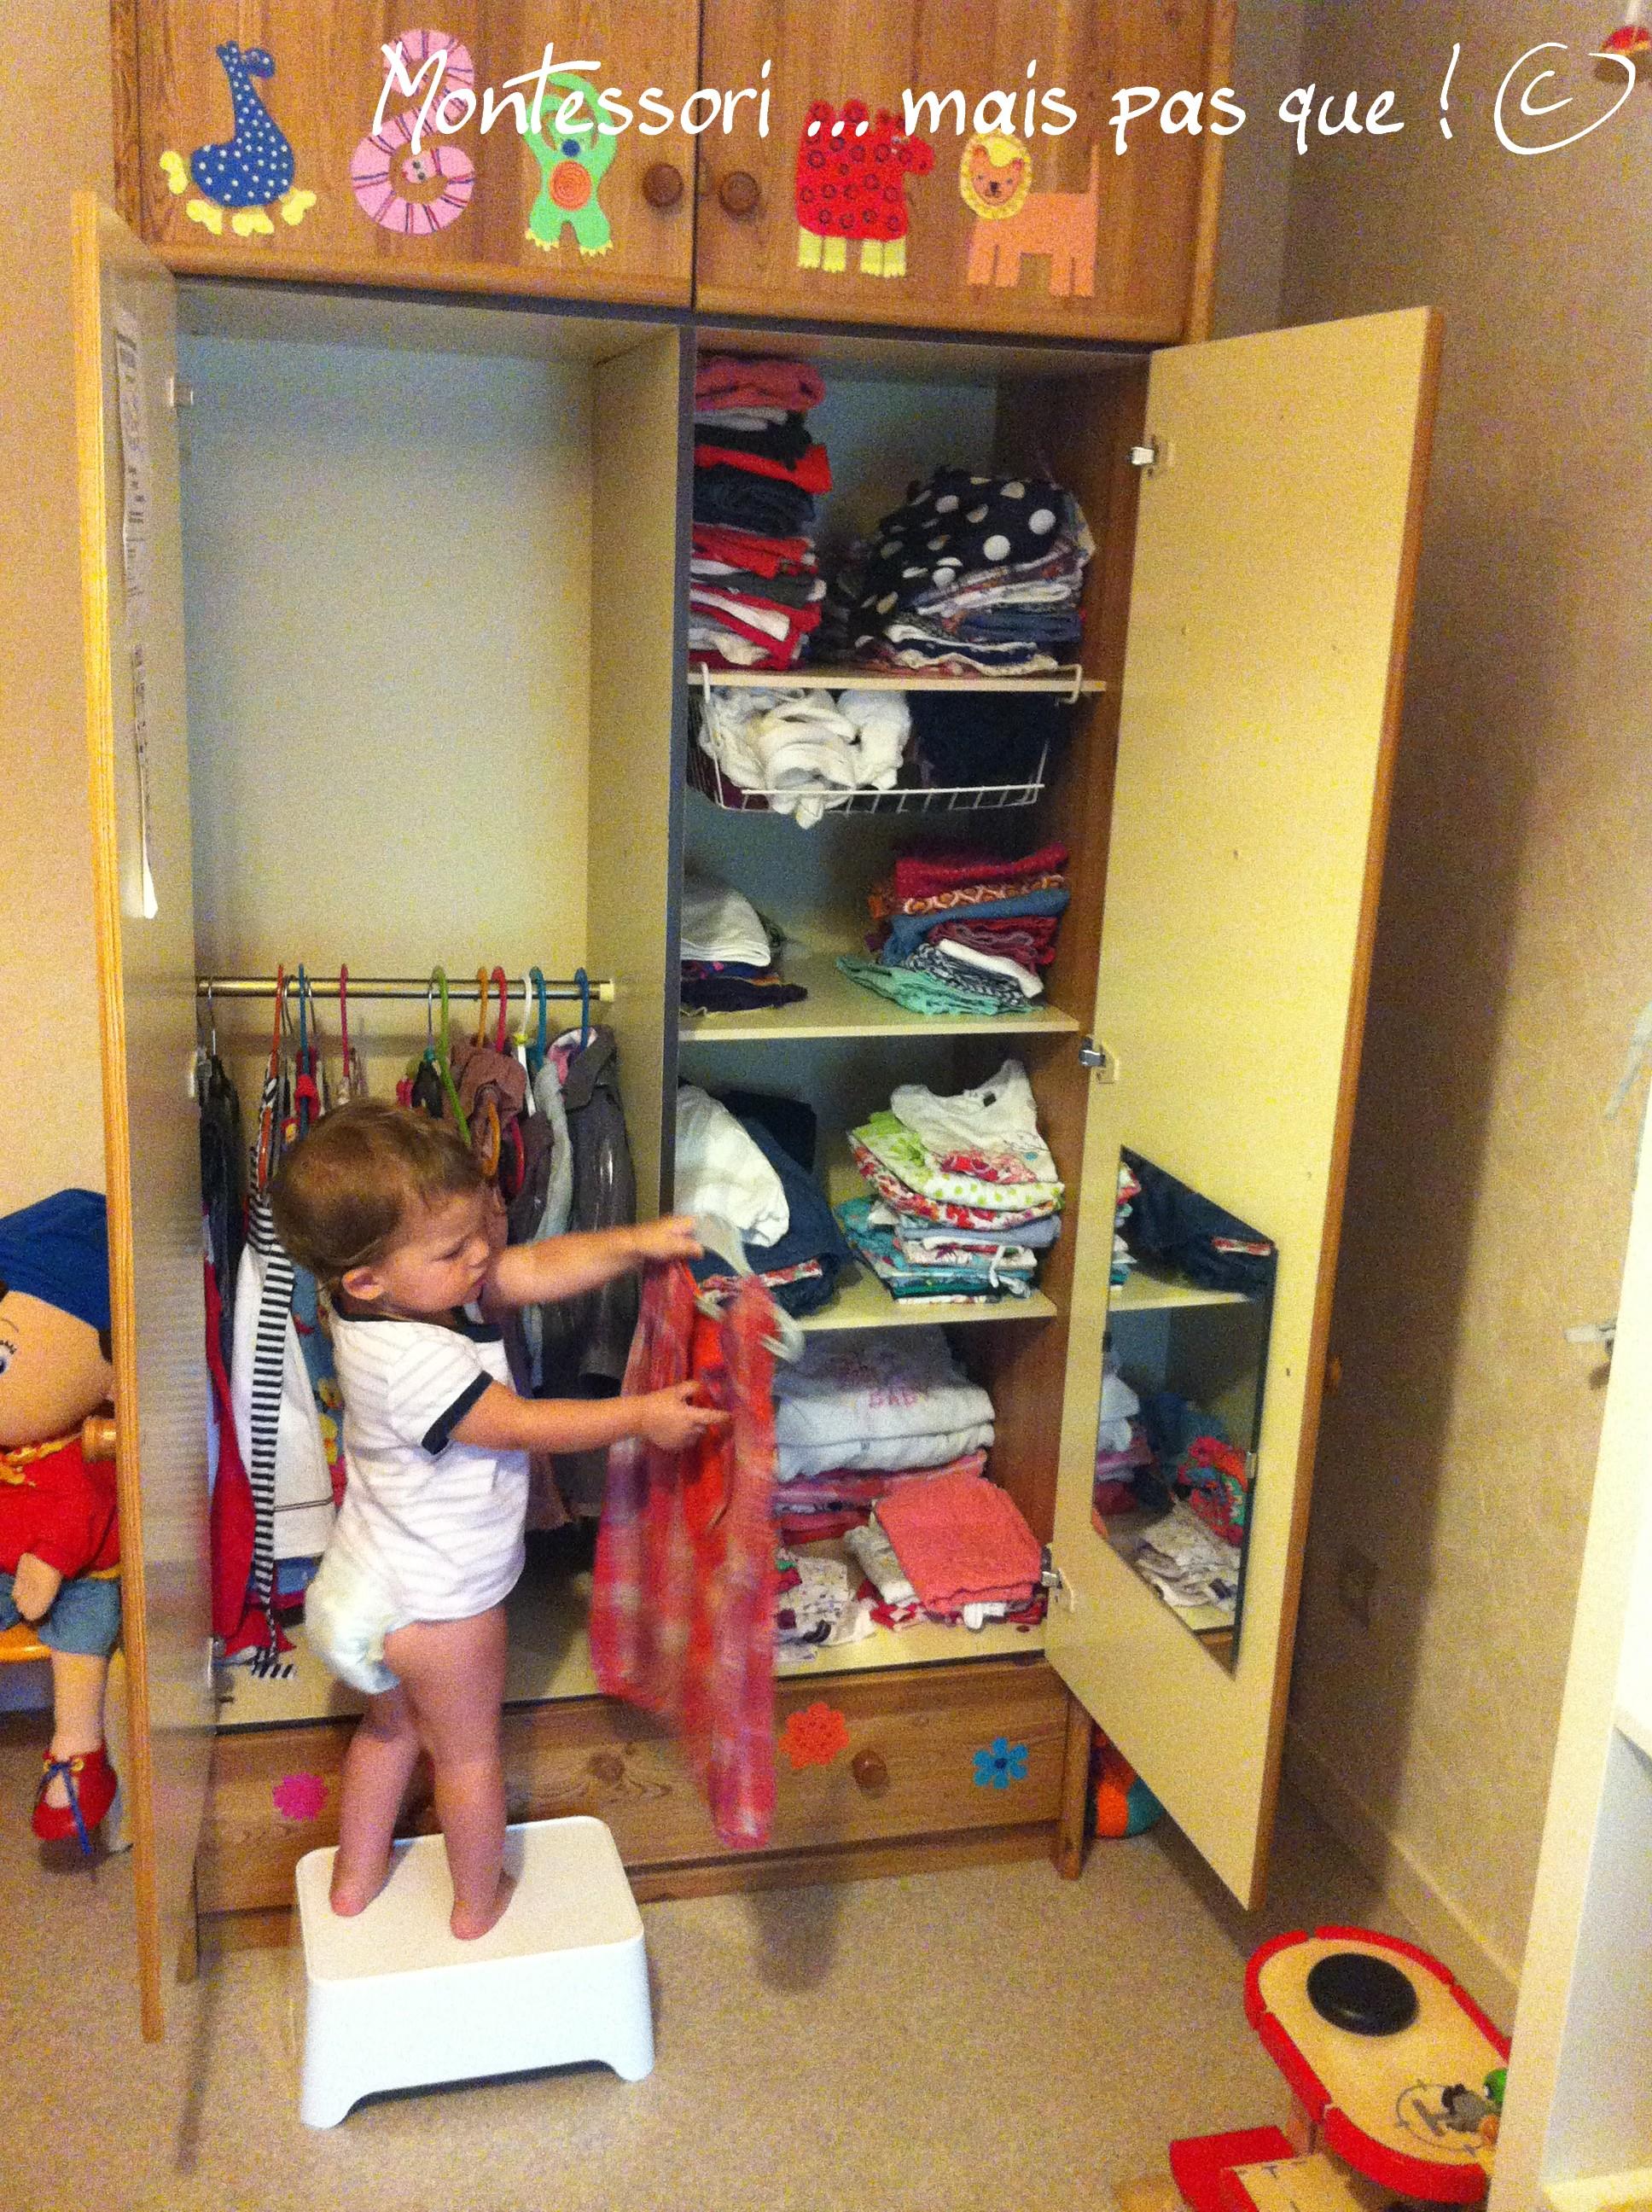 armoire montessori montessori mais pas que. Black Bedroom Furniture Sets. Home Design Ideas